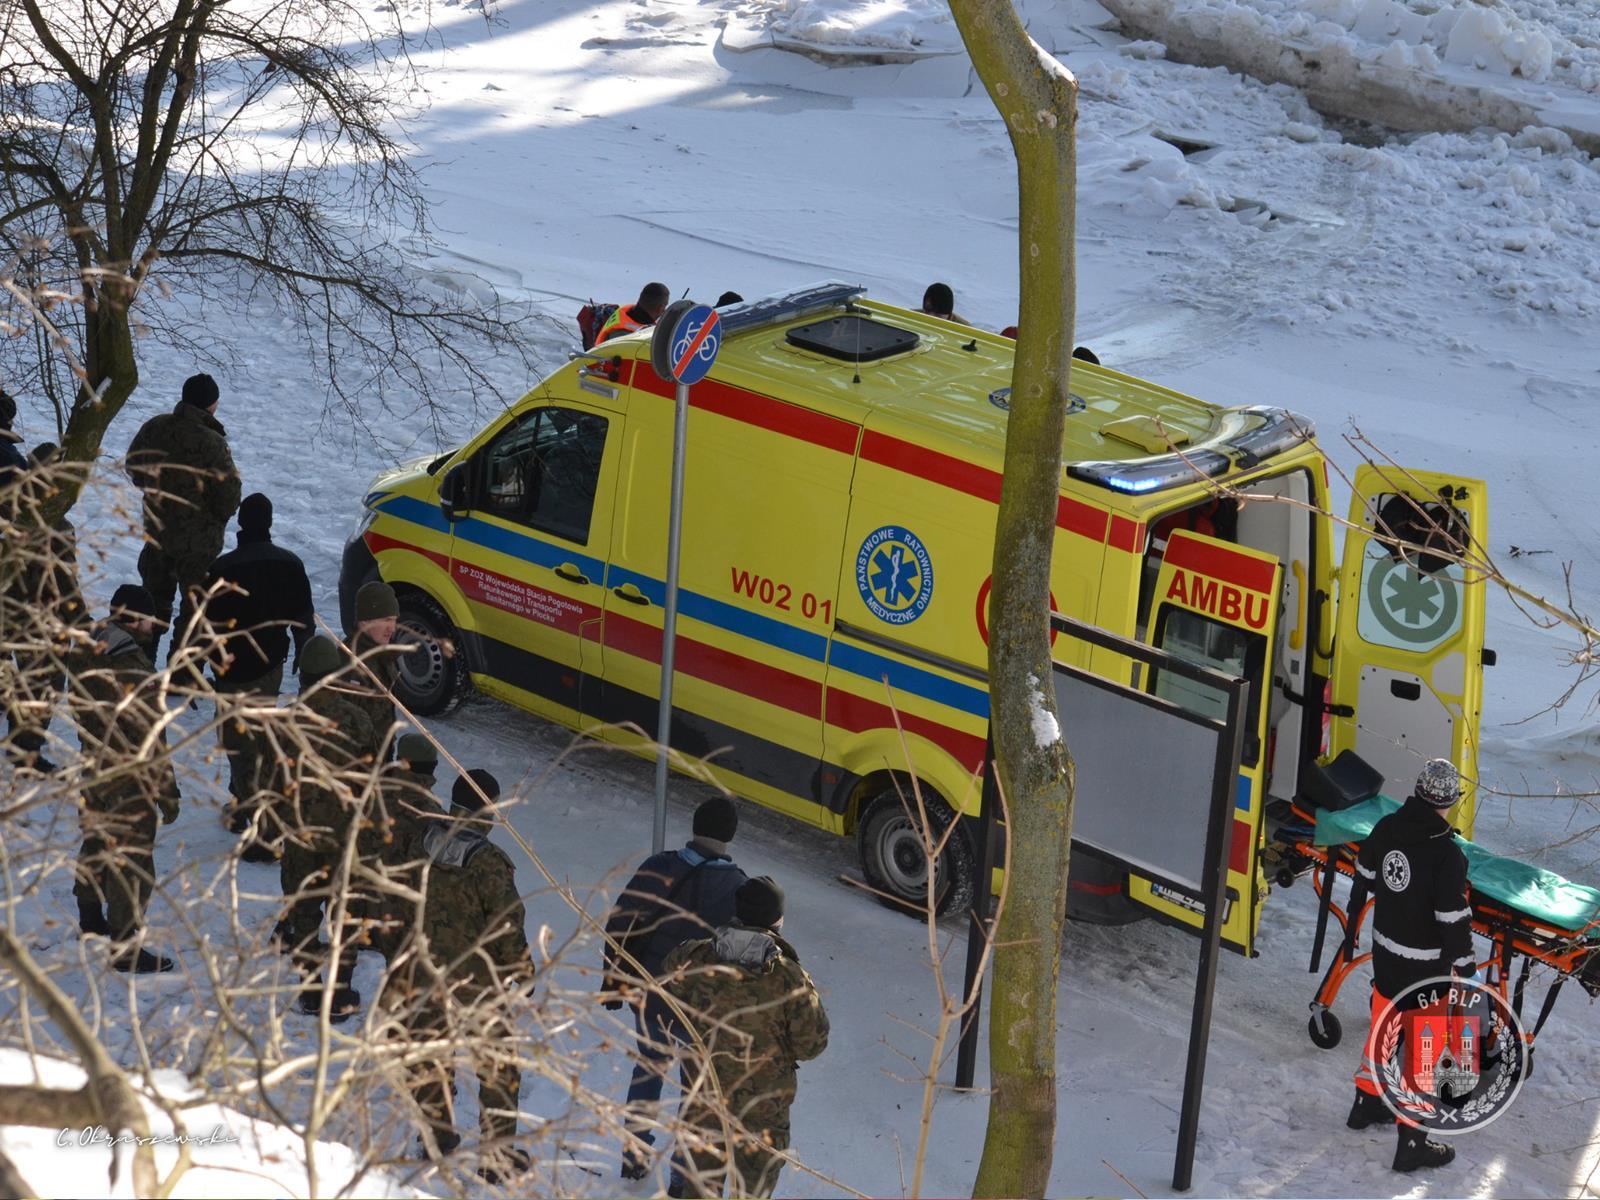 [ZDJĘCIA] Pojechał do Płocka i skoczył z mostu do Wisły. 48-latek z Gostynina nie żyje - Zdjęcie główne